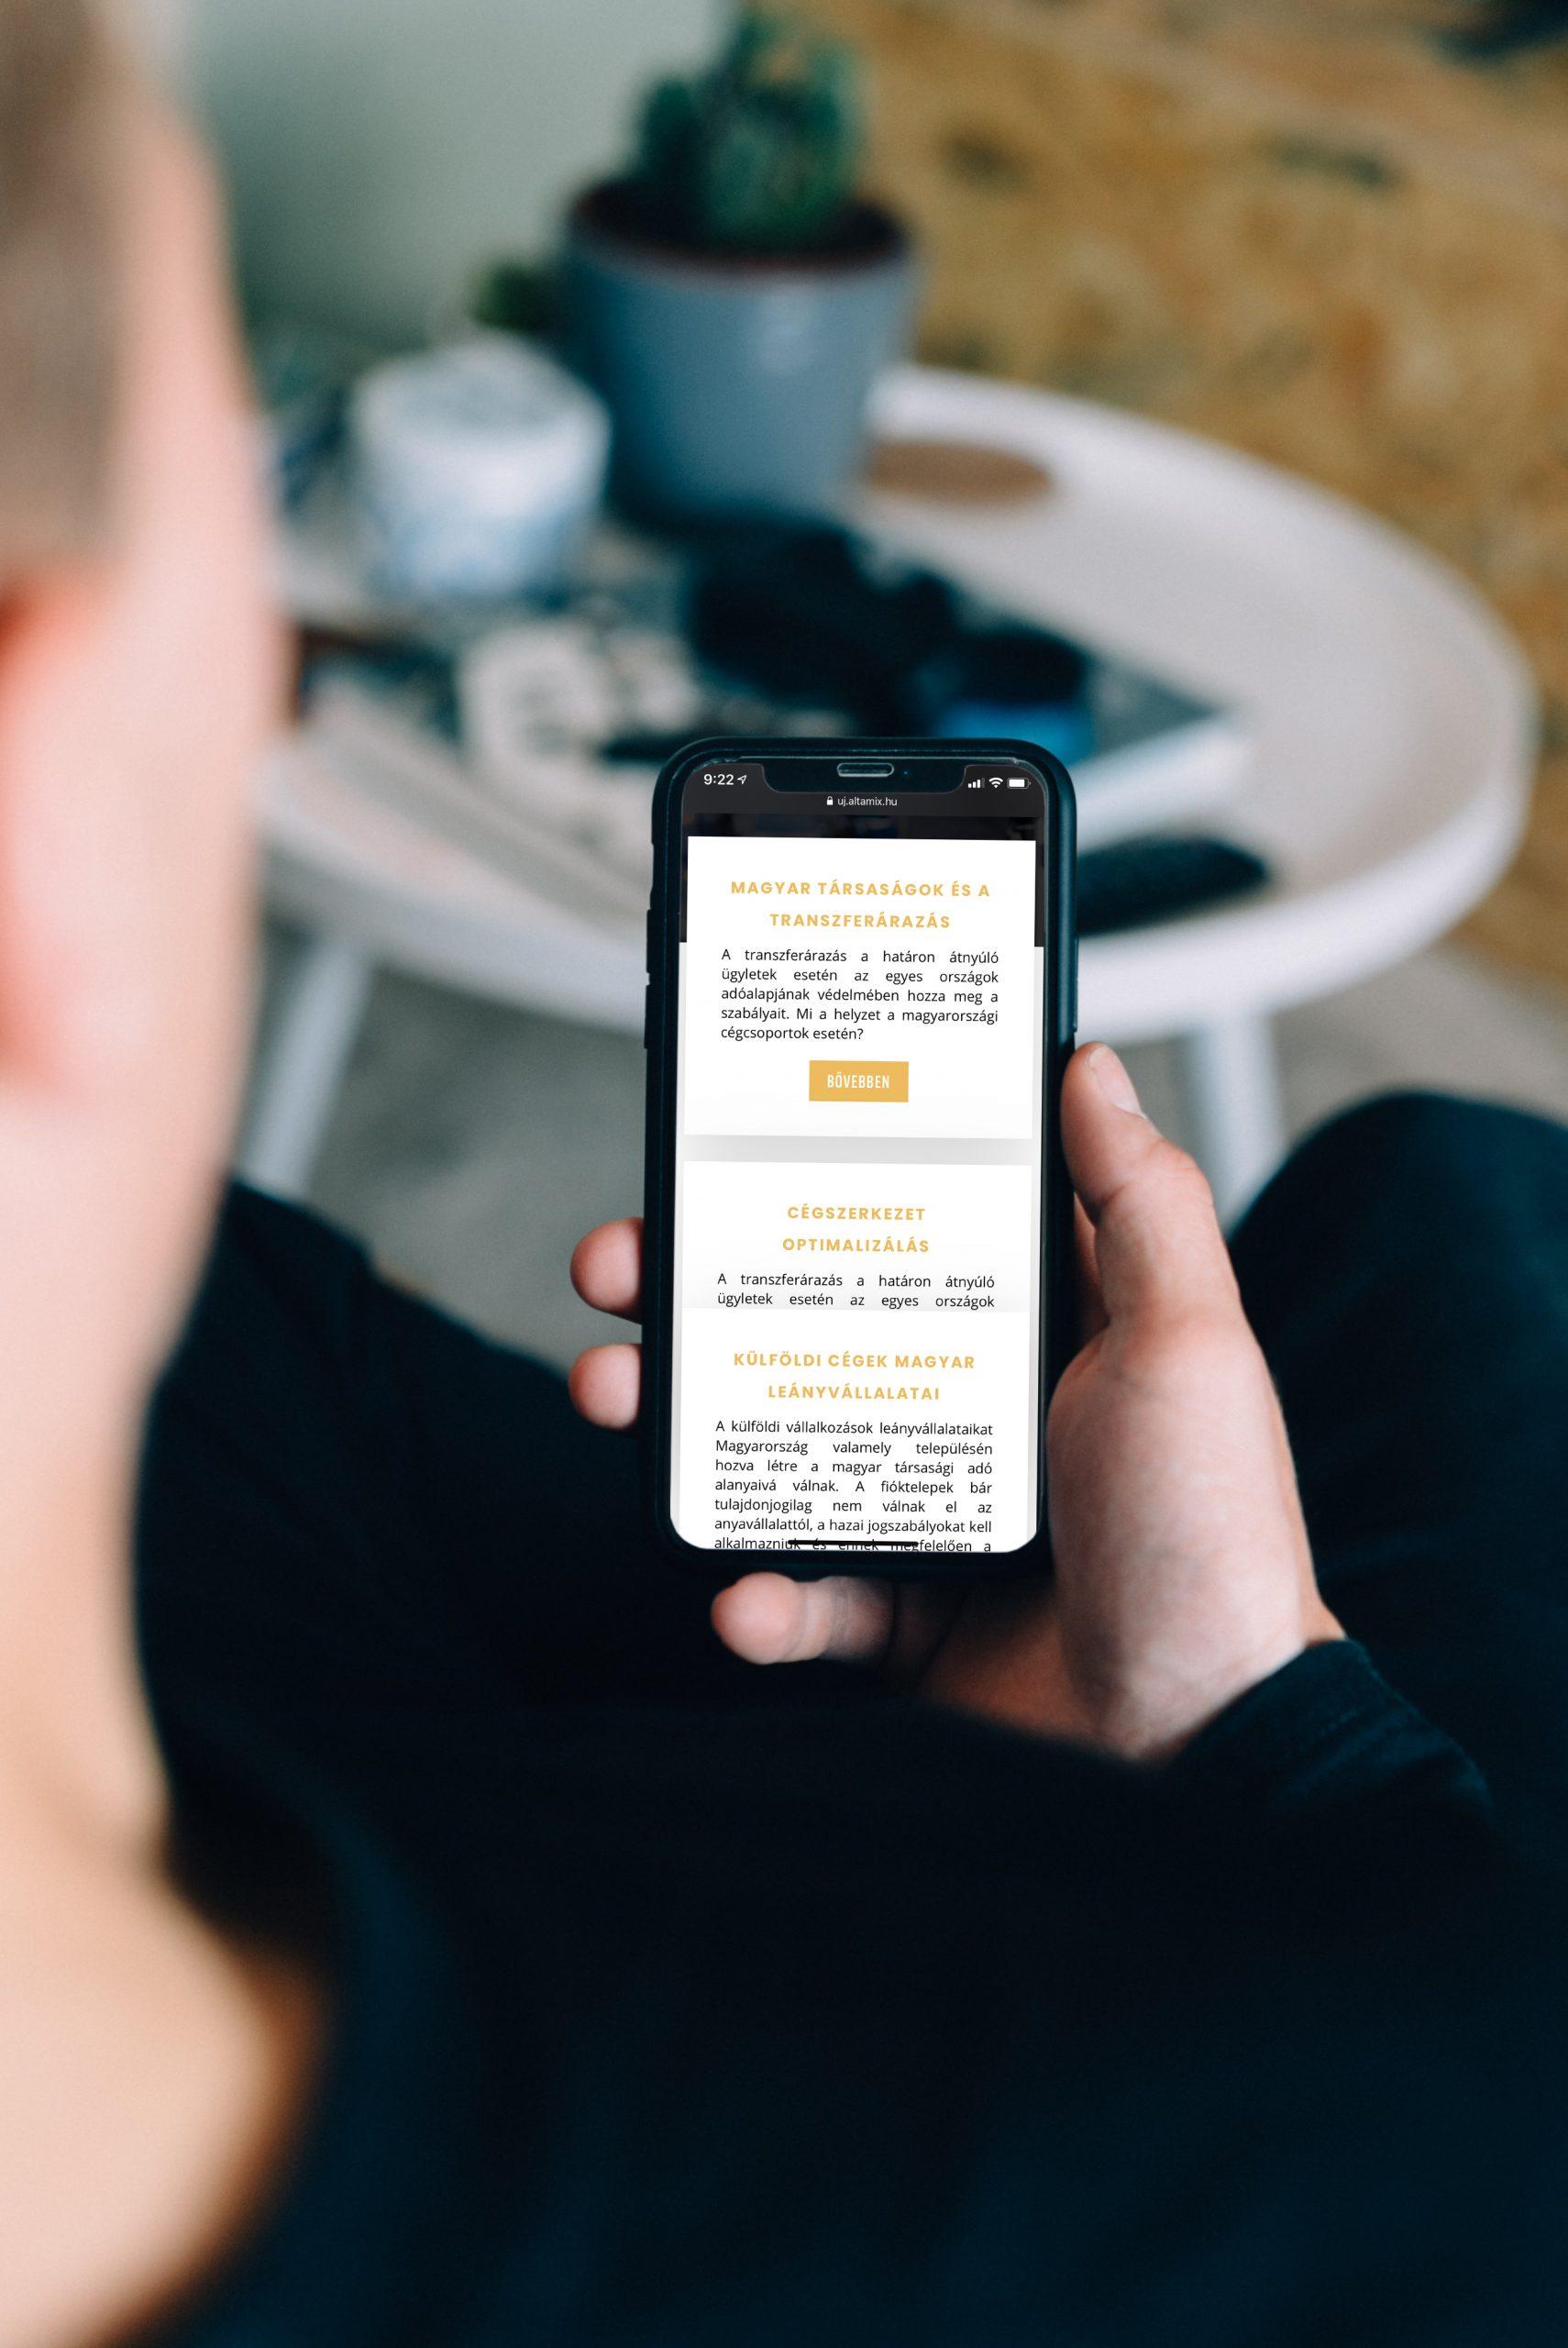 Altamix transzferaudit weboldalát néző ember